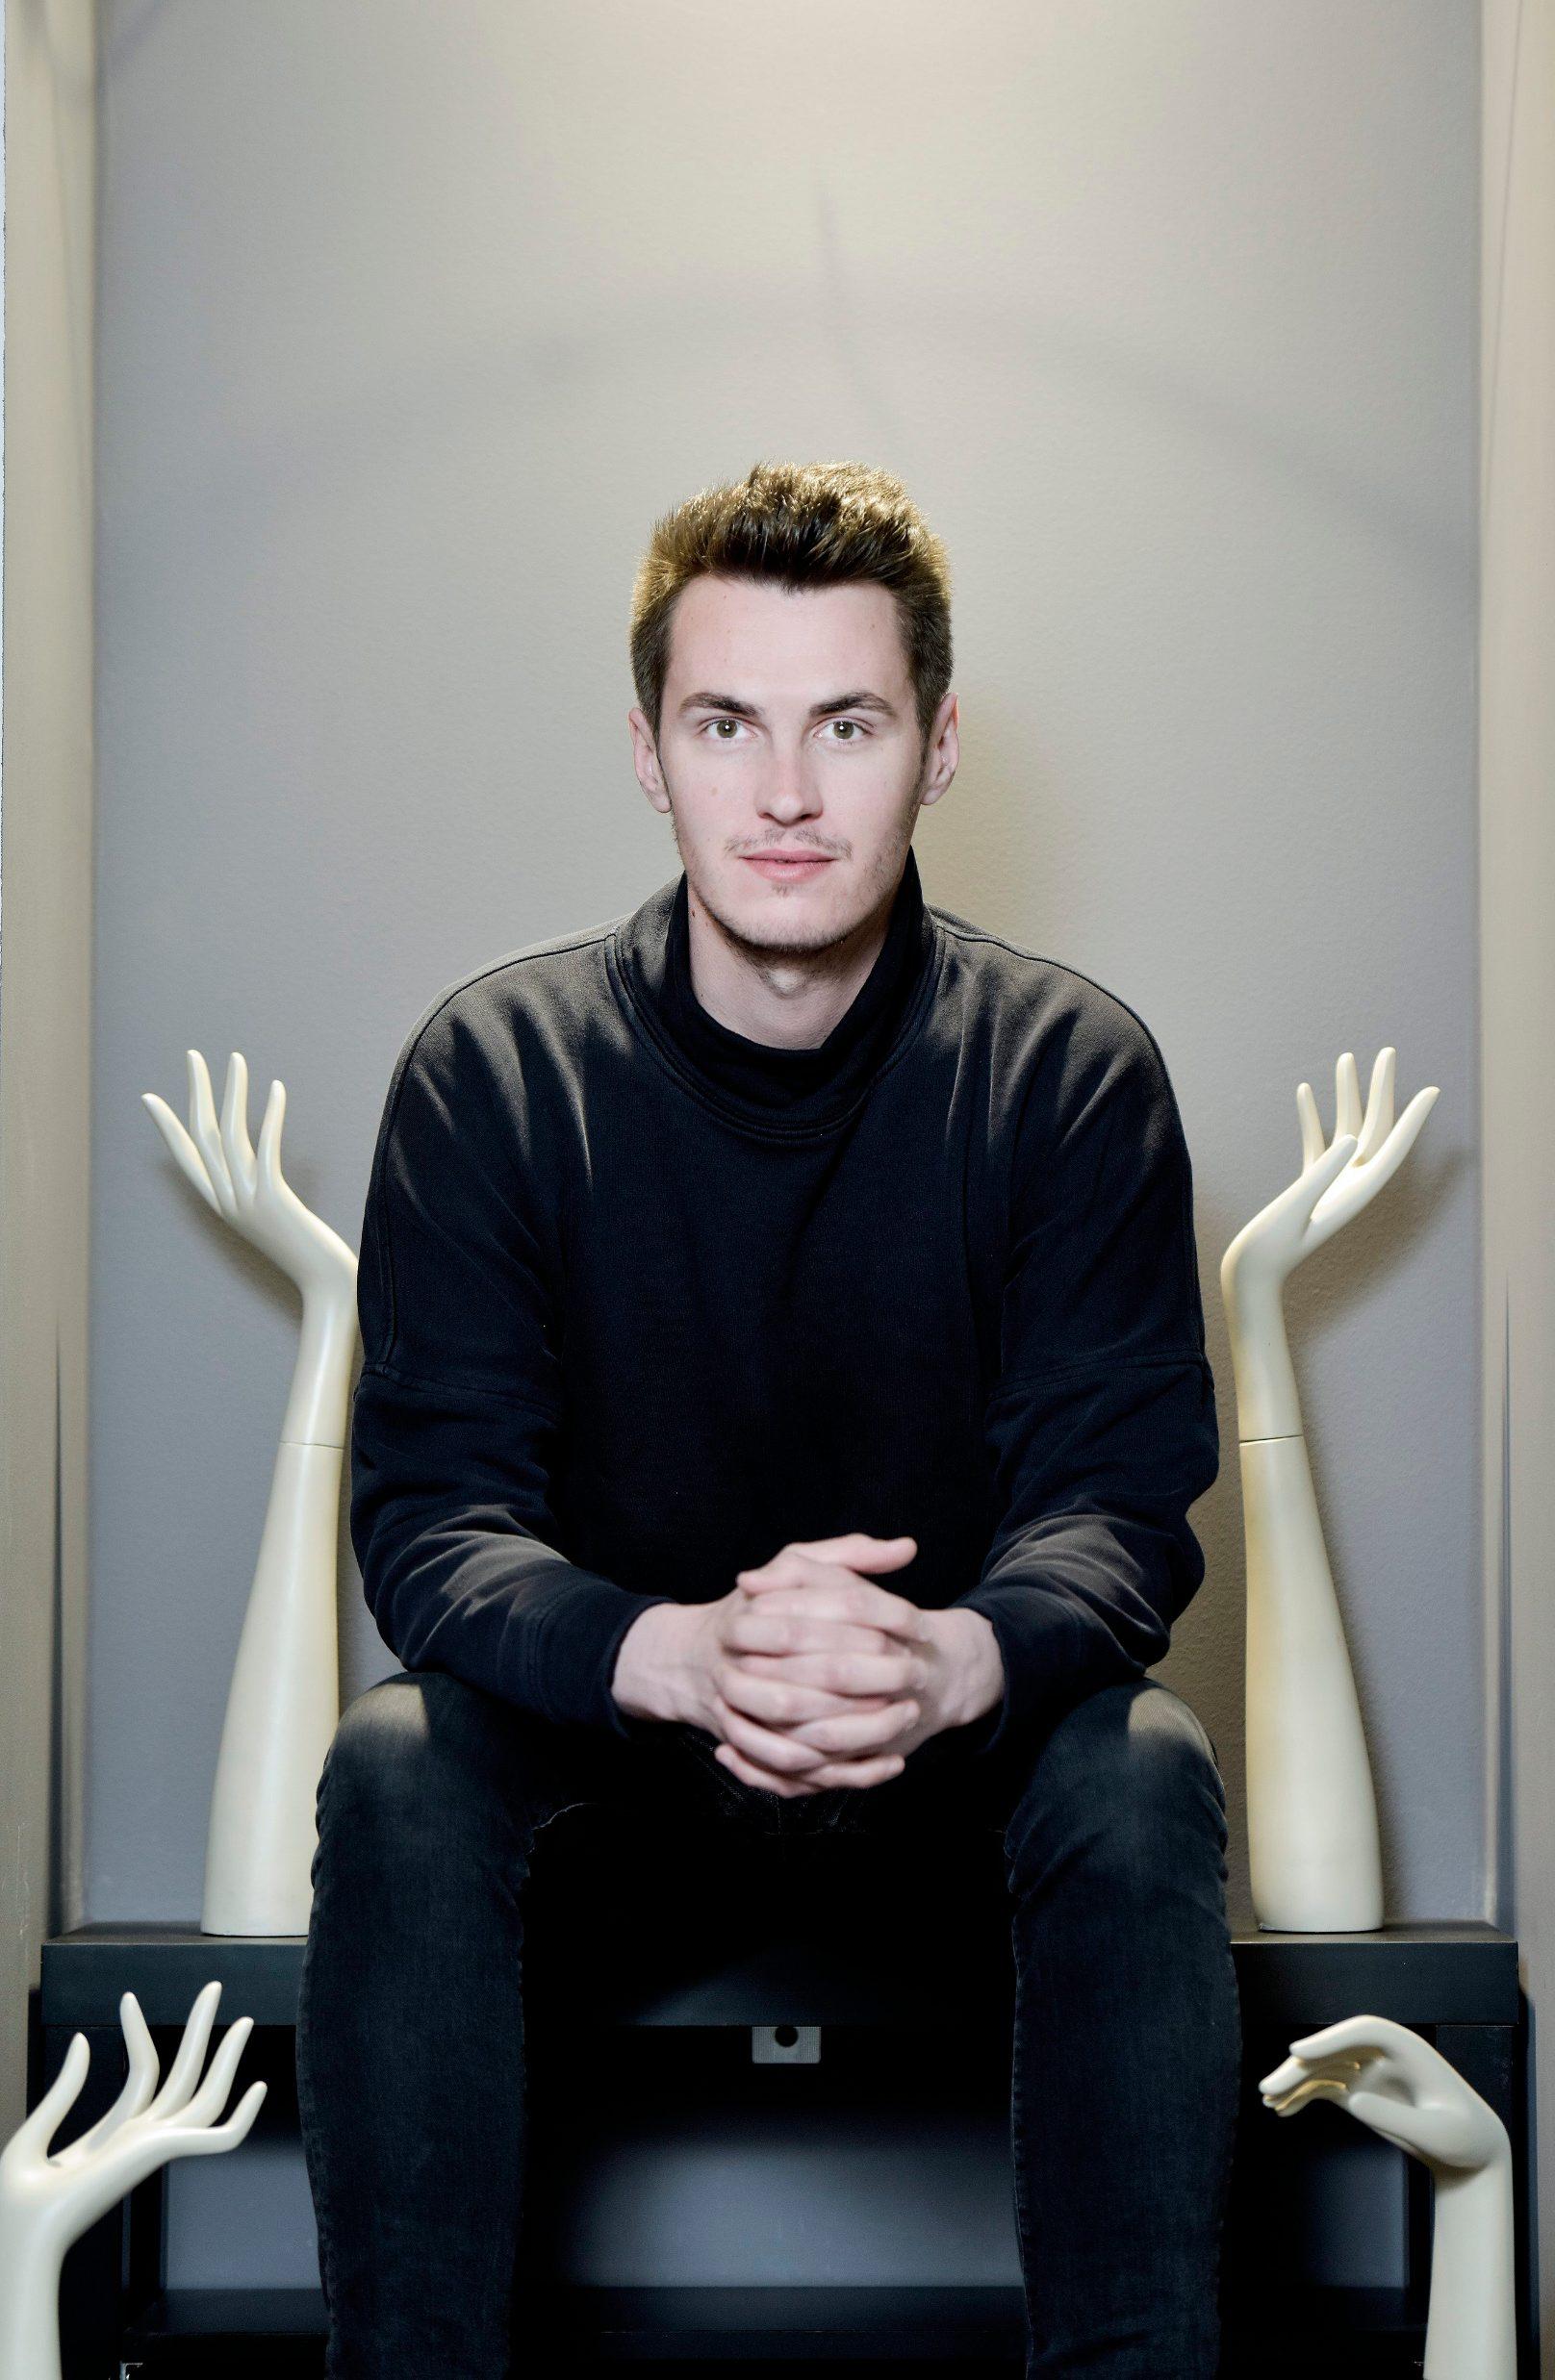 Zagreb, 060417. Ivan Friscic je stilist, modni dizajner i vlasnik modnog brenda DeLight. Foto: Sandra Simunovic / CROPIX